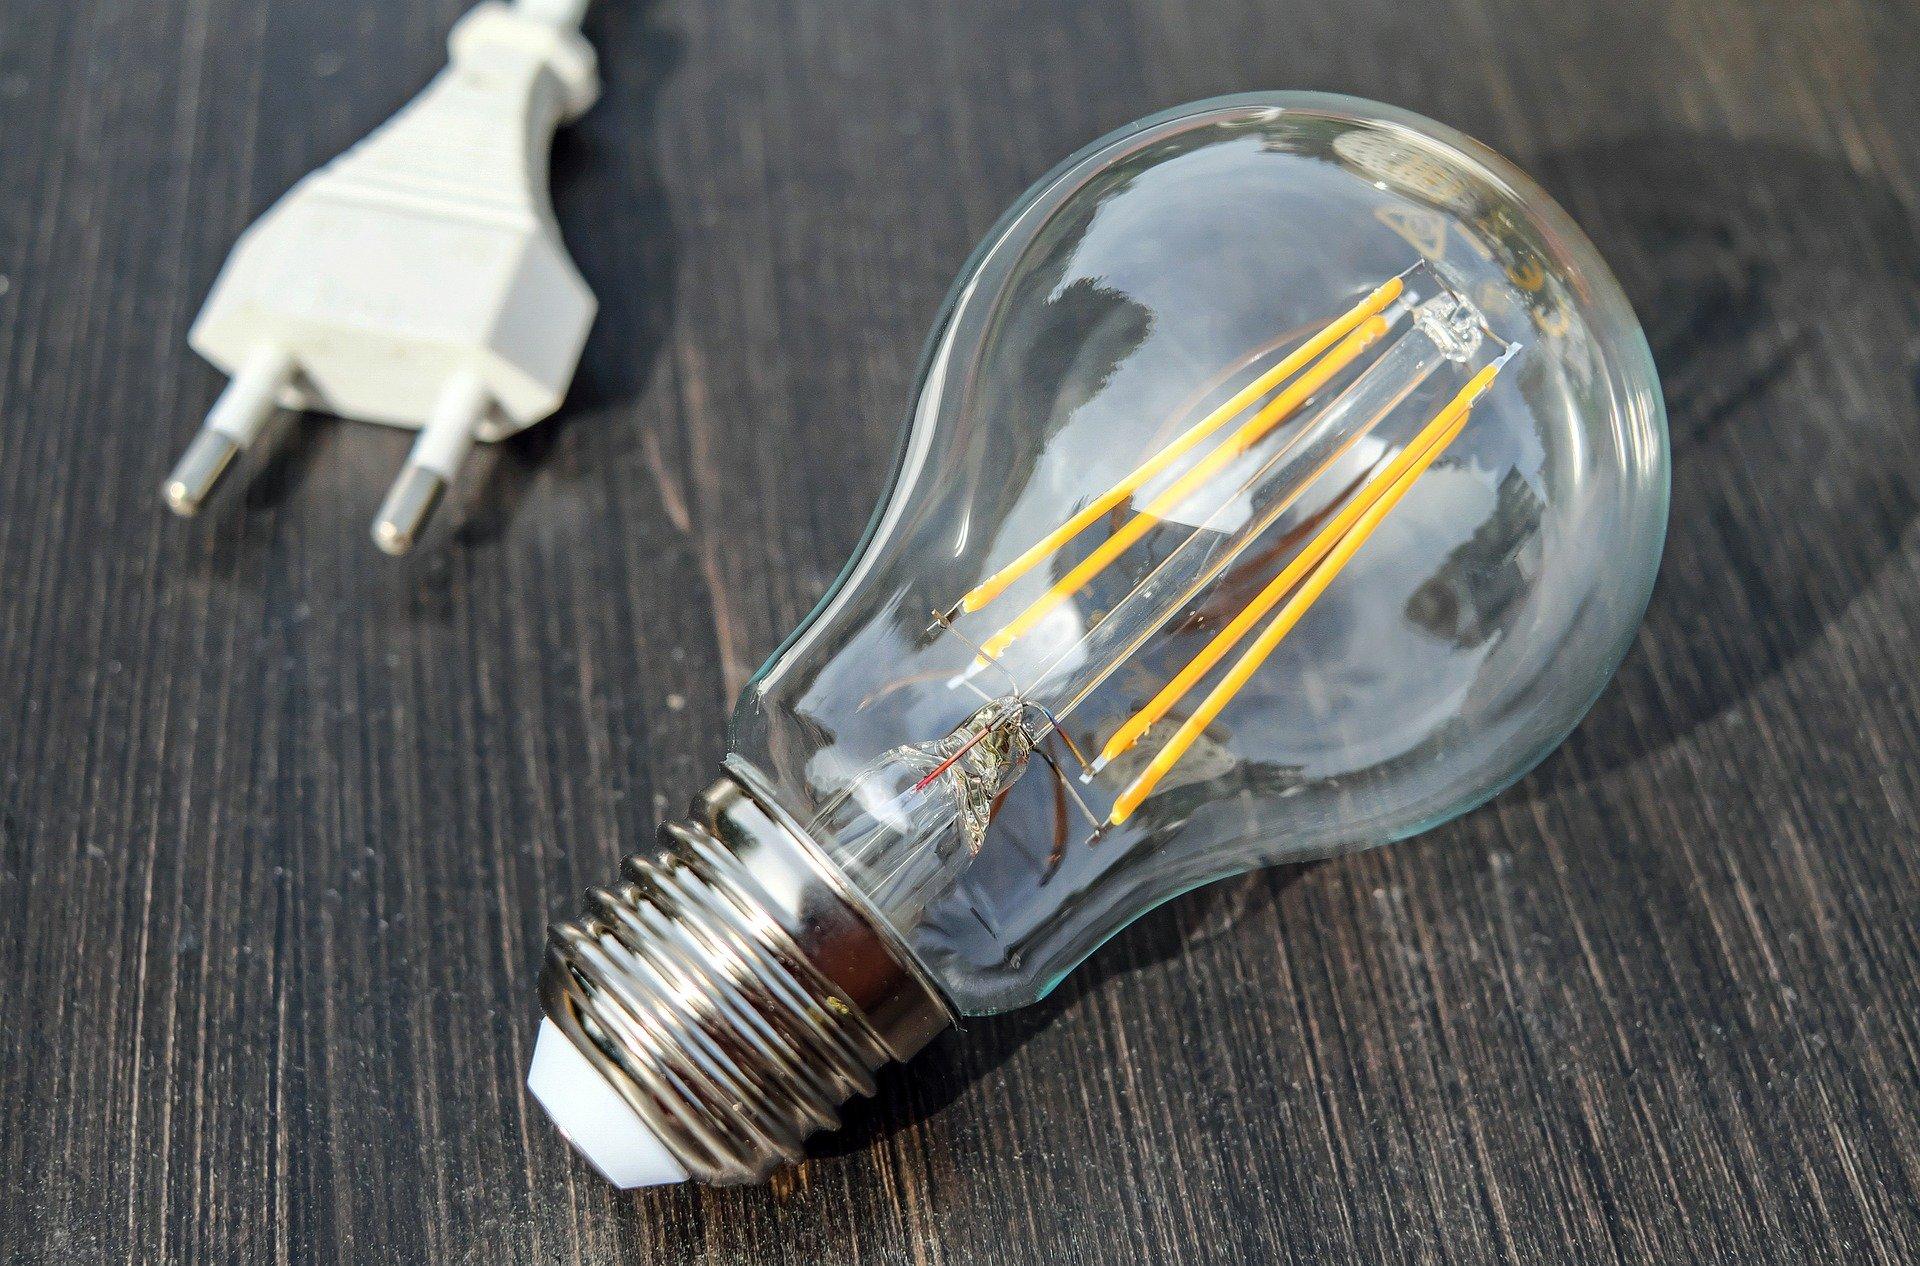 Pratiques abusives : Eni poursuivi par le médiateur de l'énergie